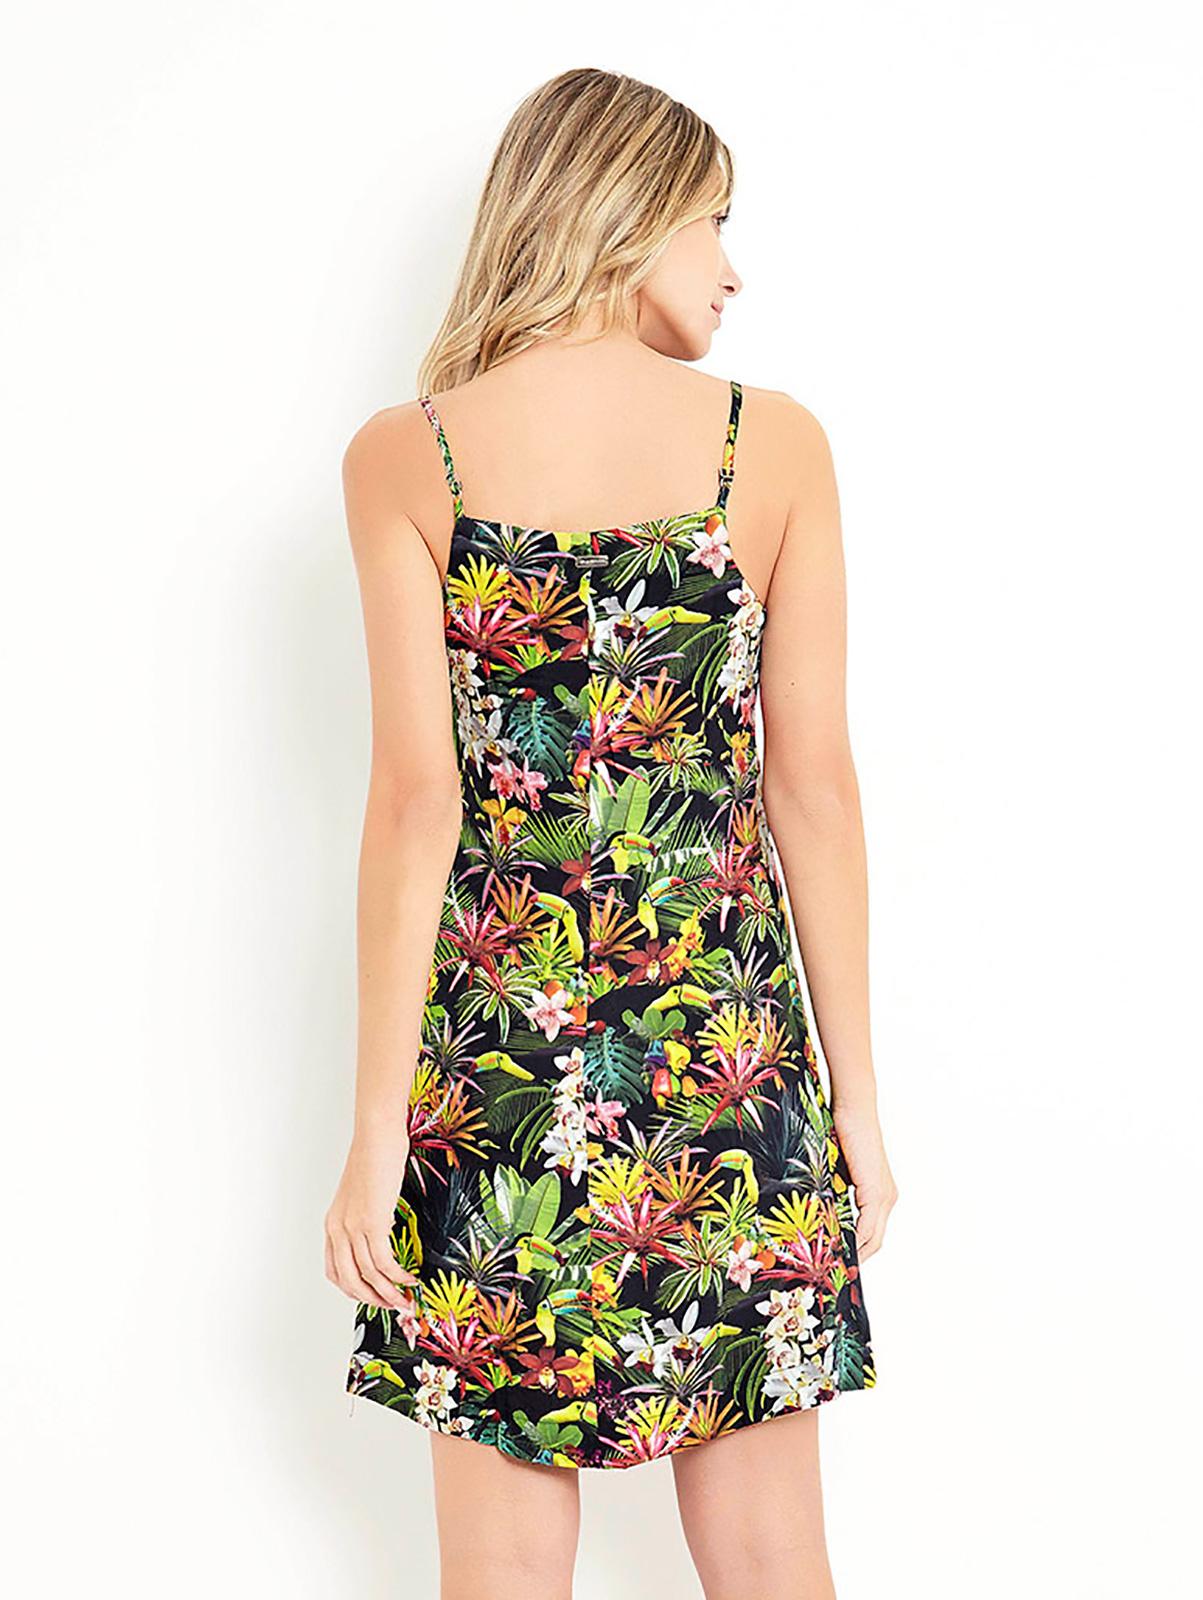 98881f535 Vestidos playeros Vestido Veraniego Floral Corto - Vestido Atlas